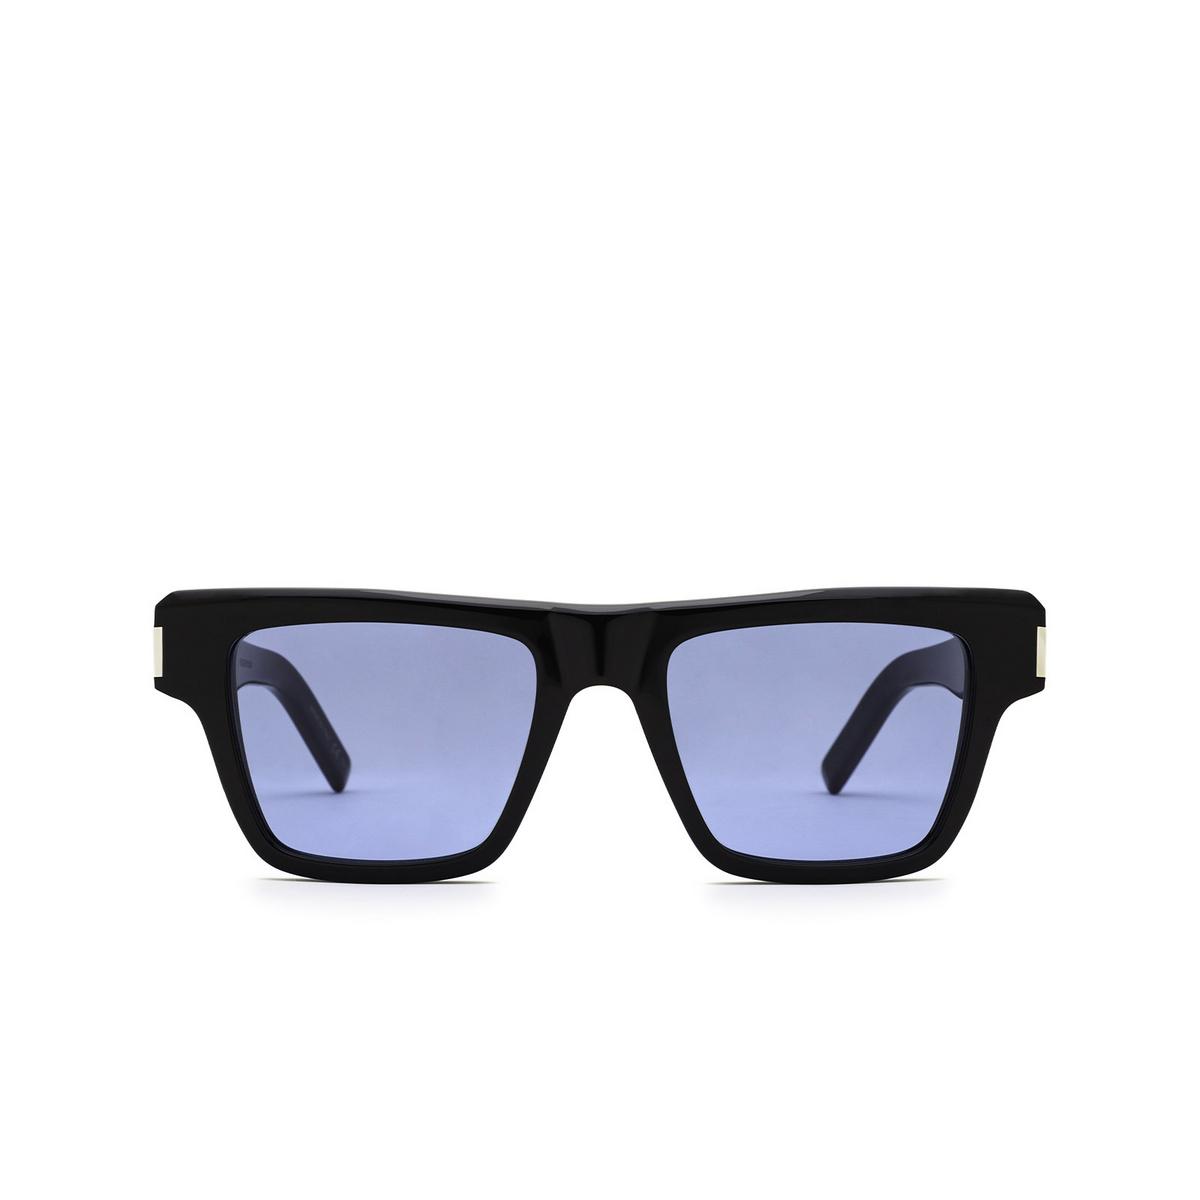 Saint Laurent® Rectangle Sunglasses: SL 469 color Black 005 - front view.